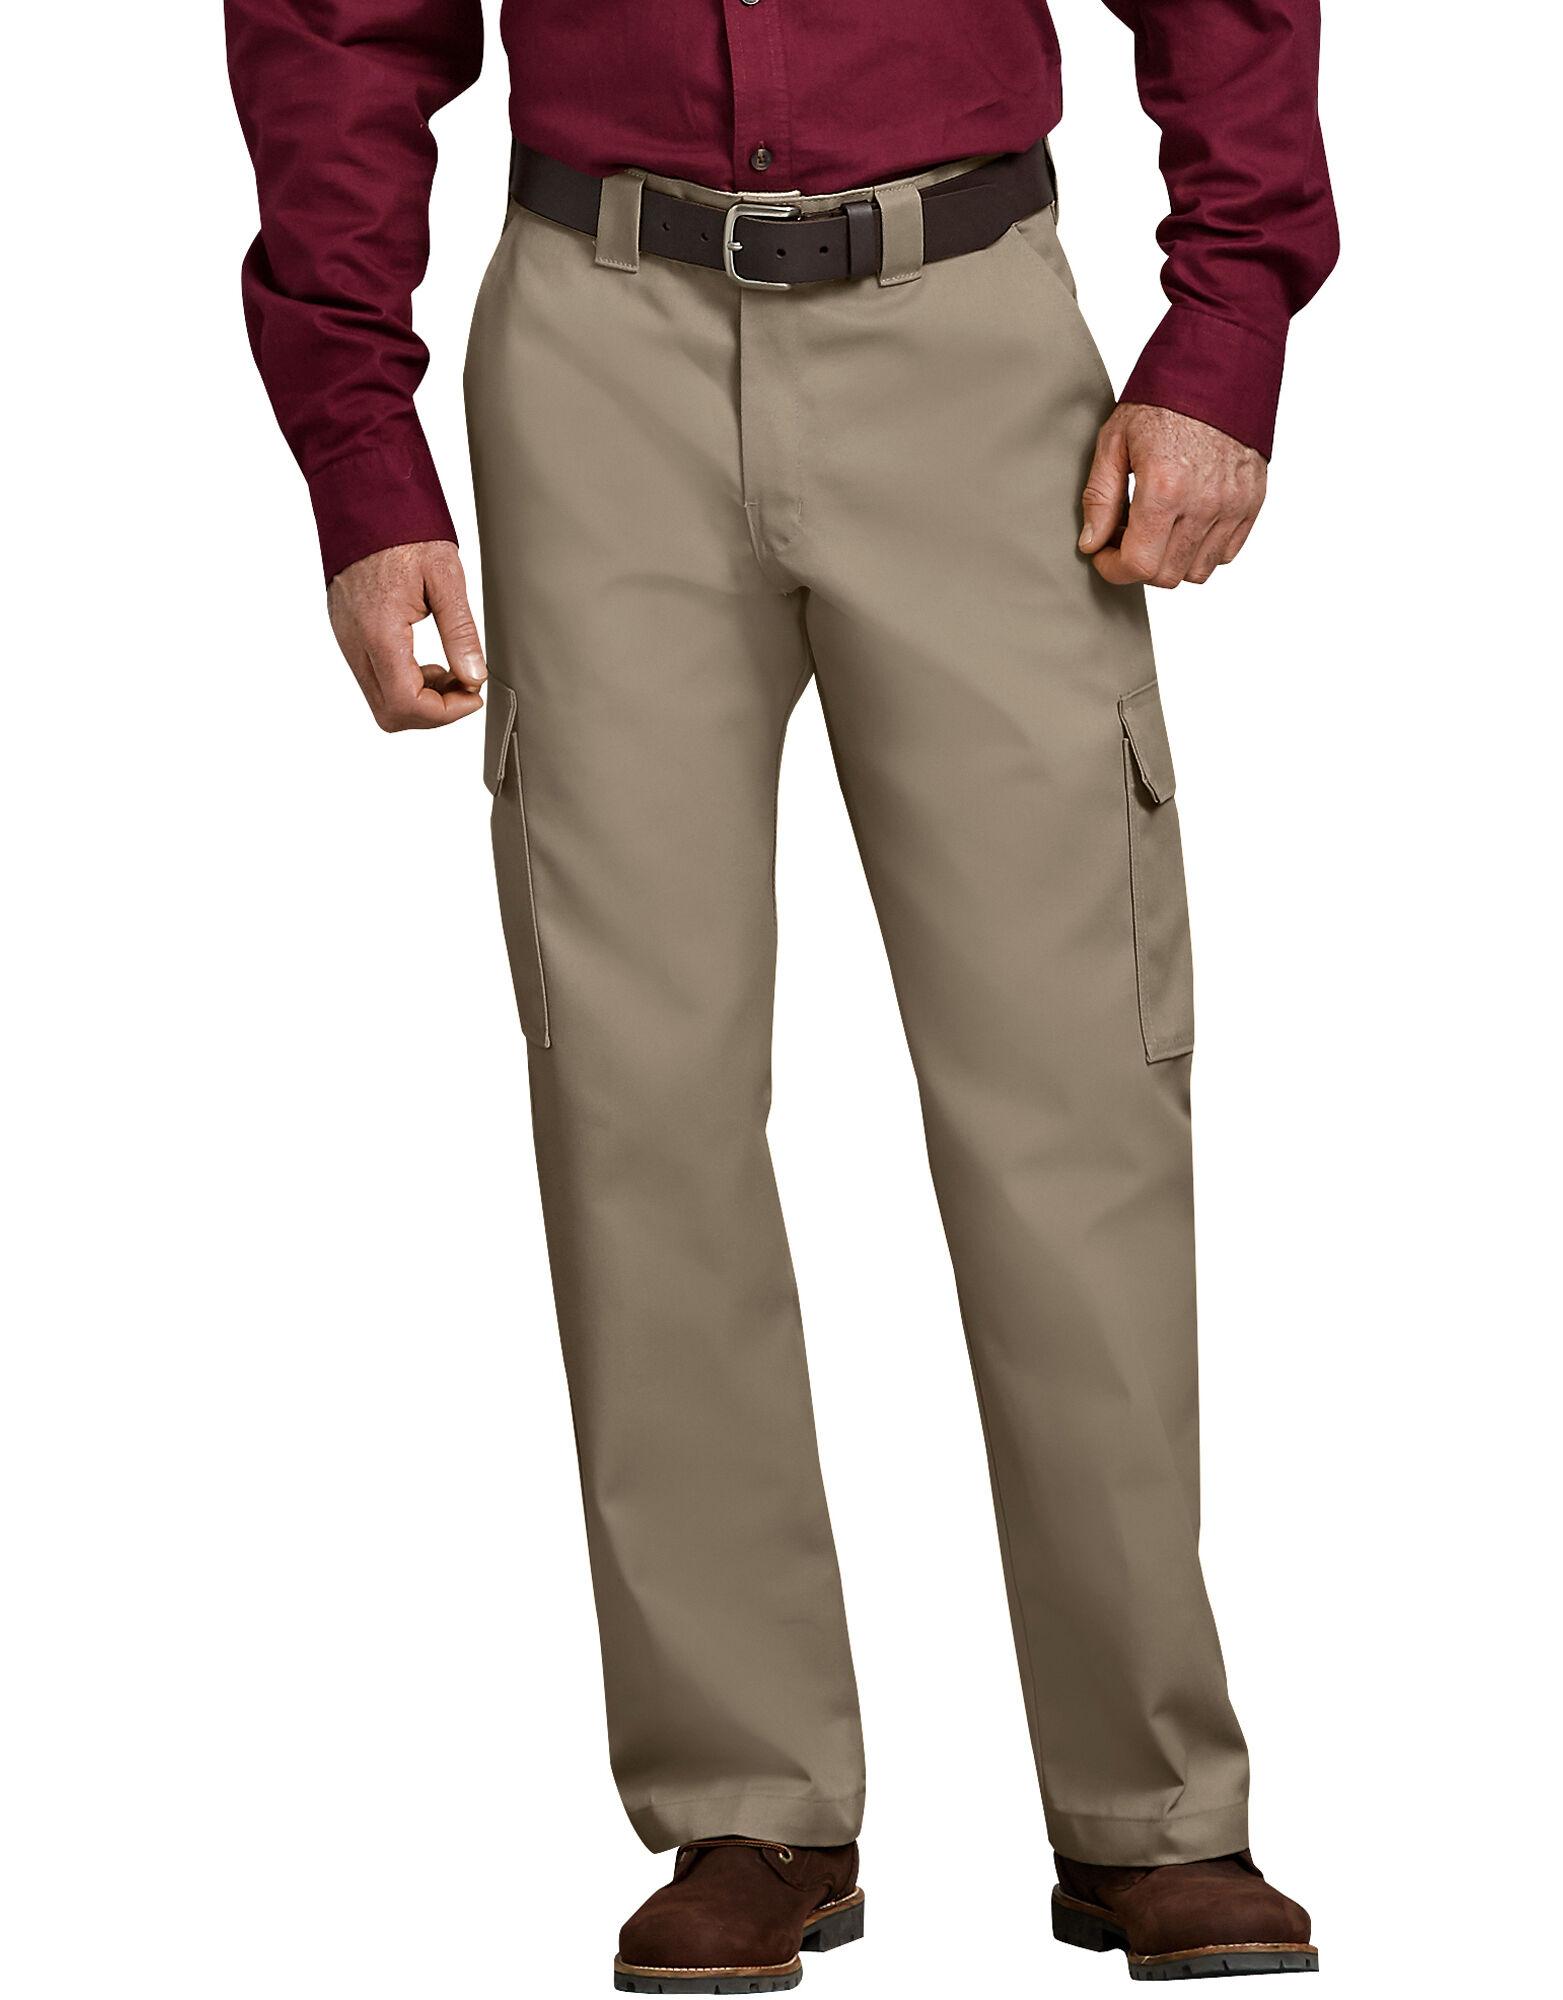 Mens Work Pants | eBay